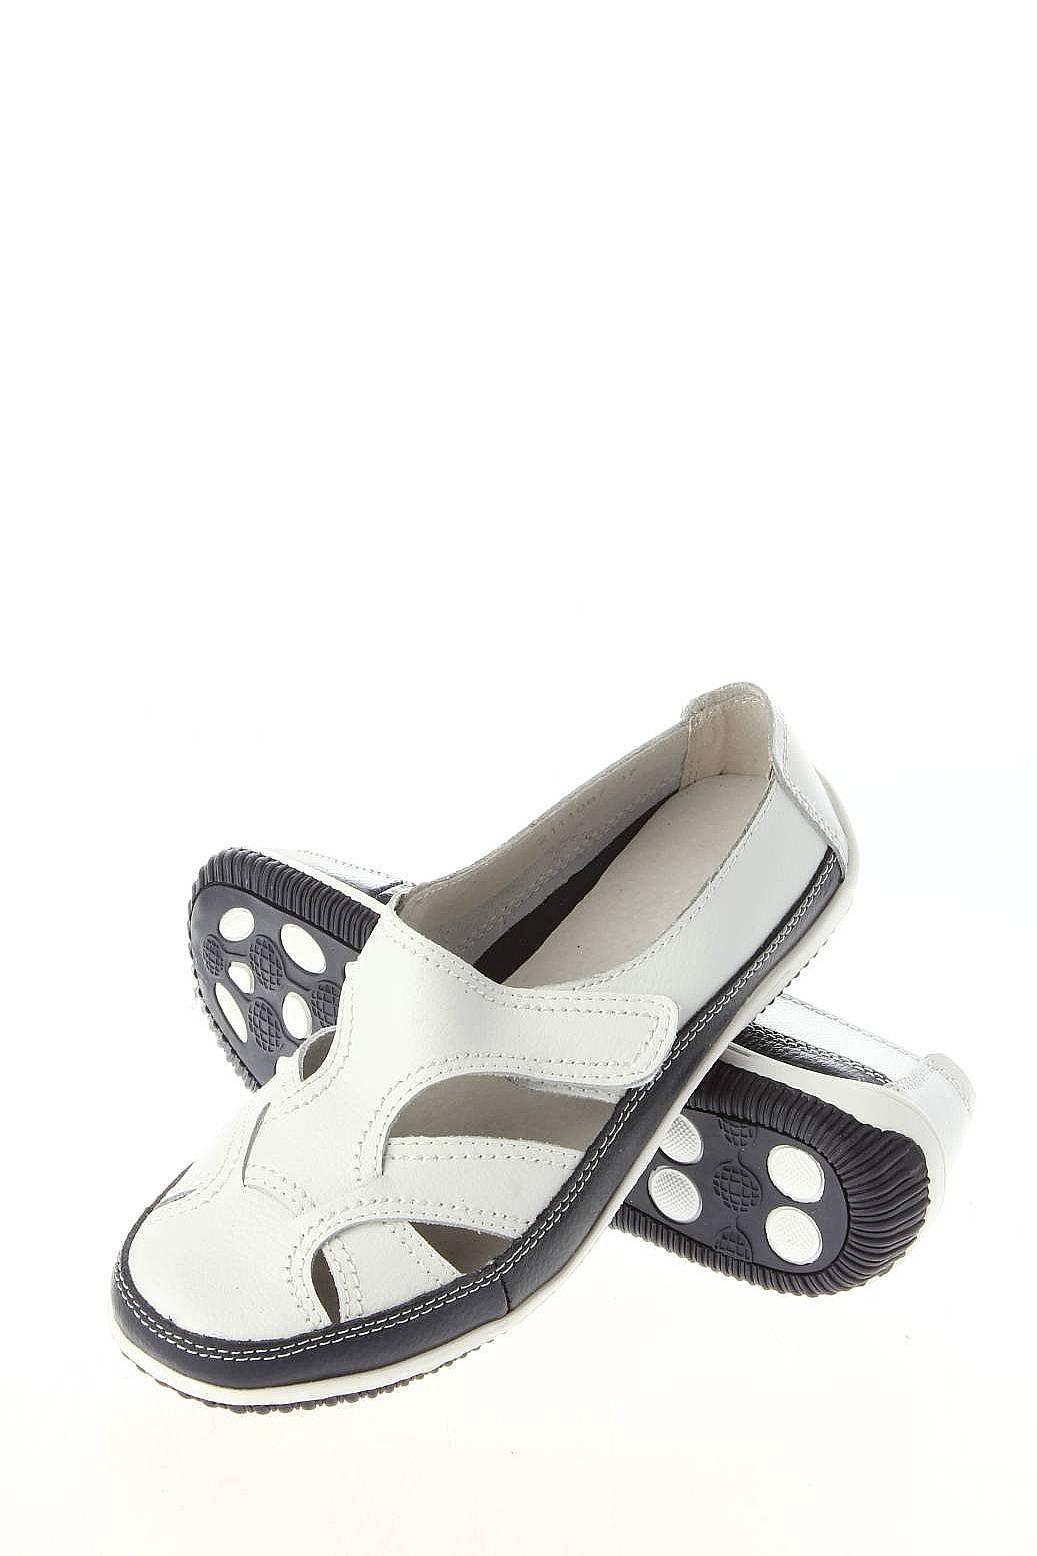 Мужская Обувь Детская Обувь Женская Обувь Сандалии: Benetti Обувь